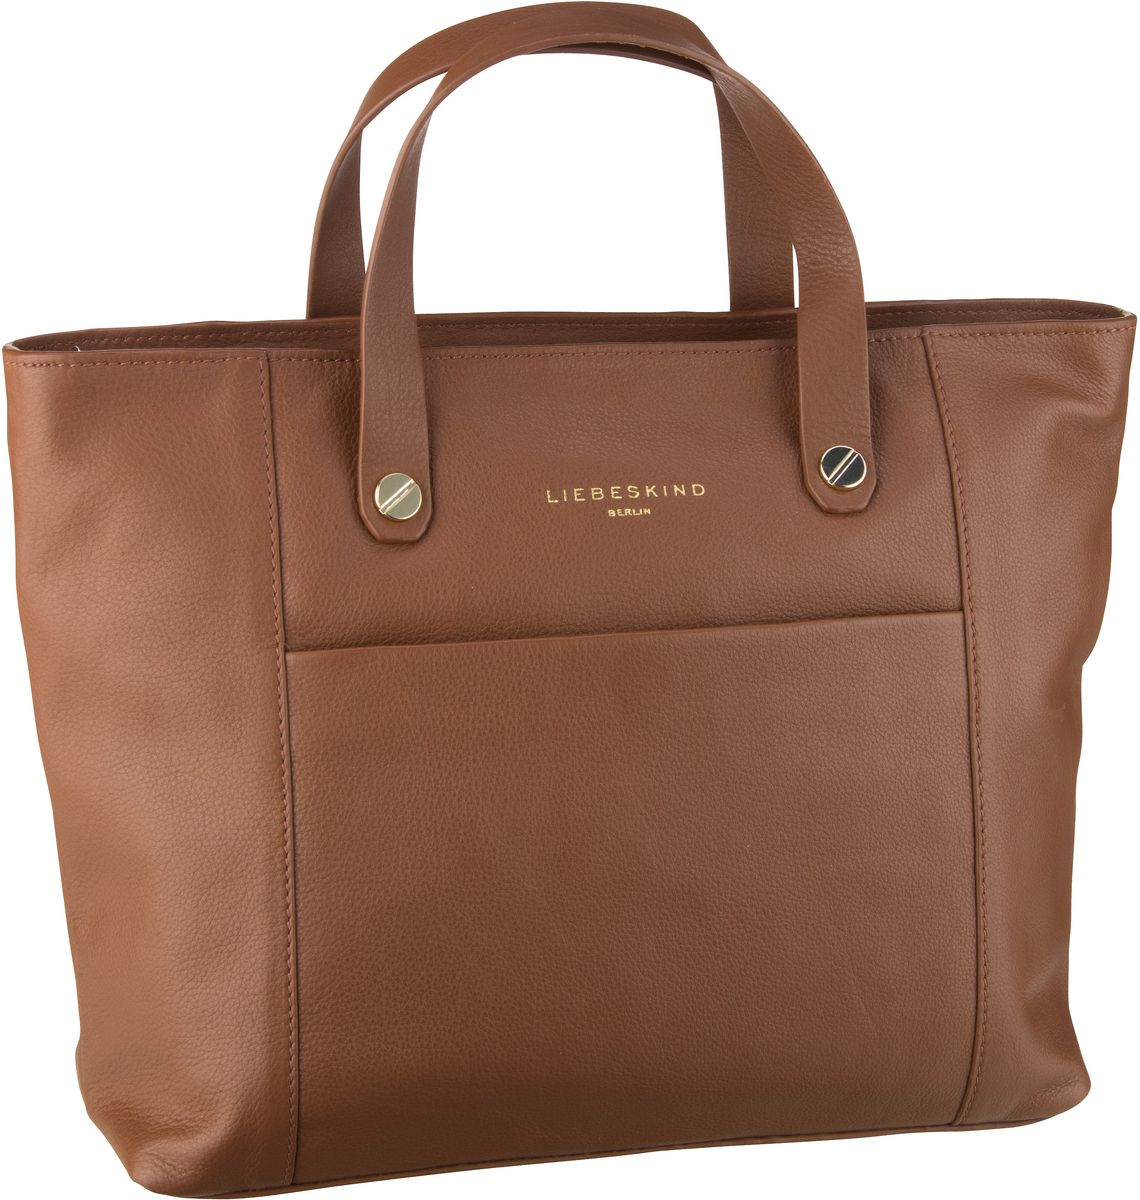 Berlin Handtasche Just Love Tote M Bourbon